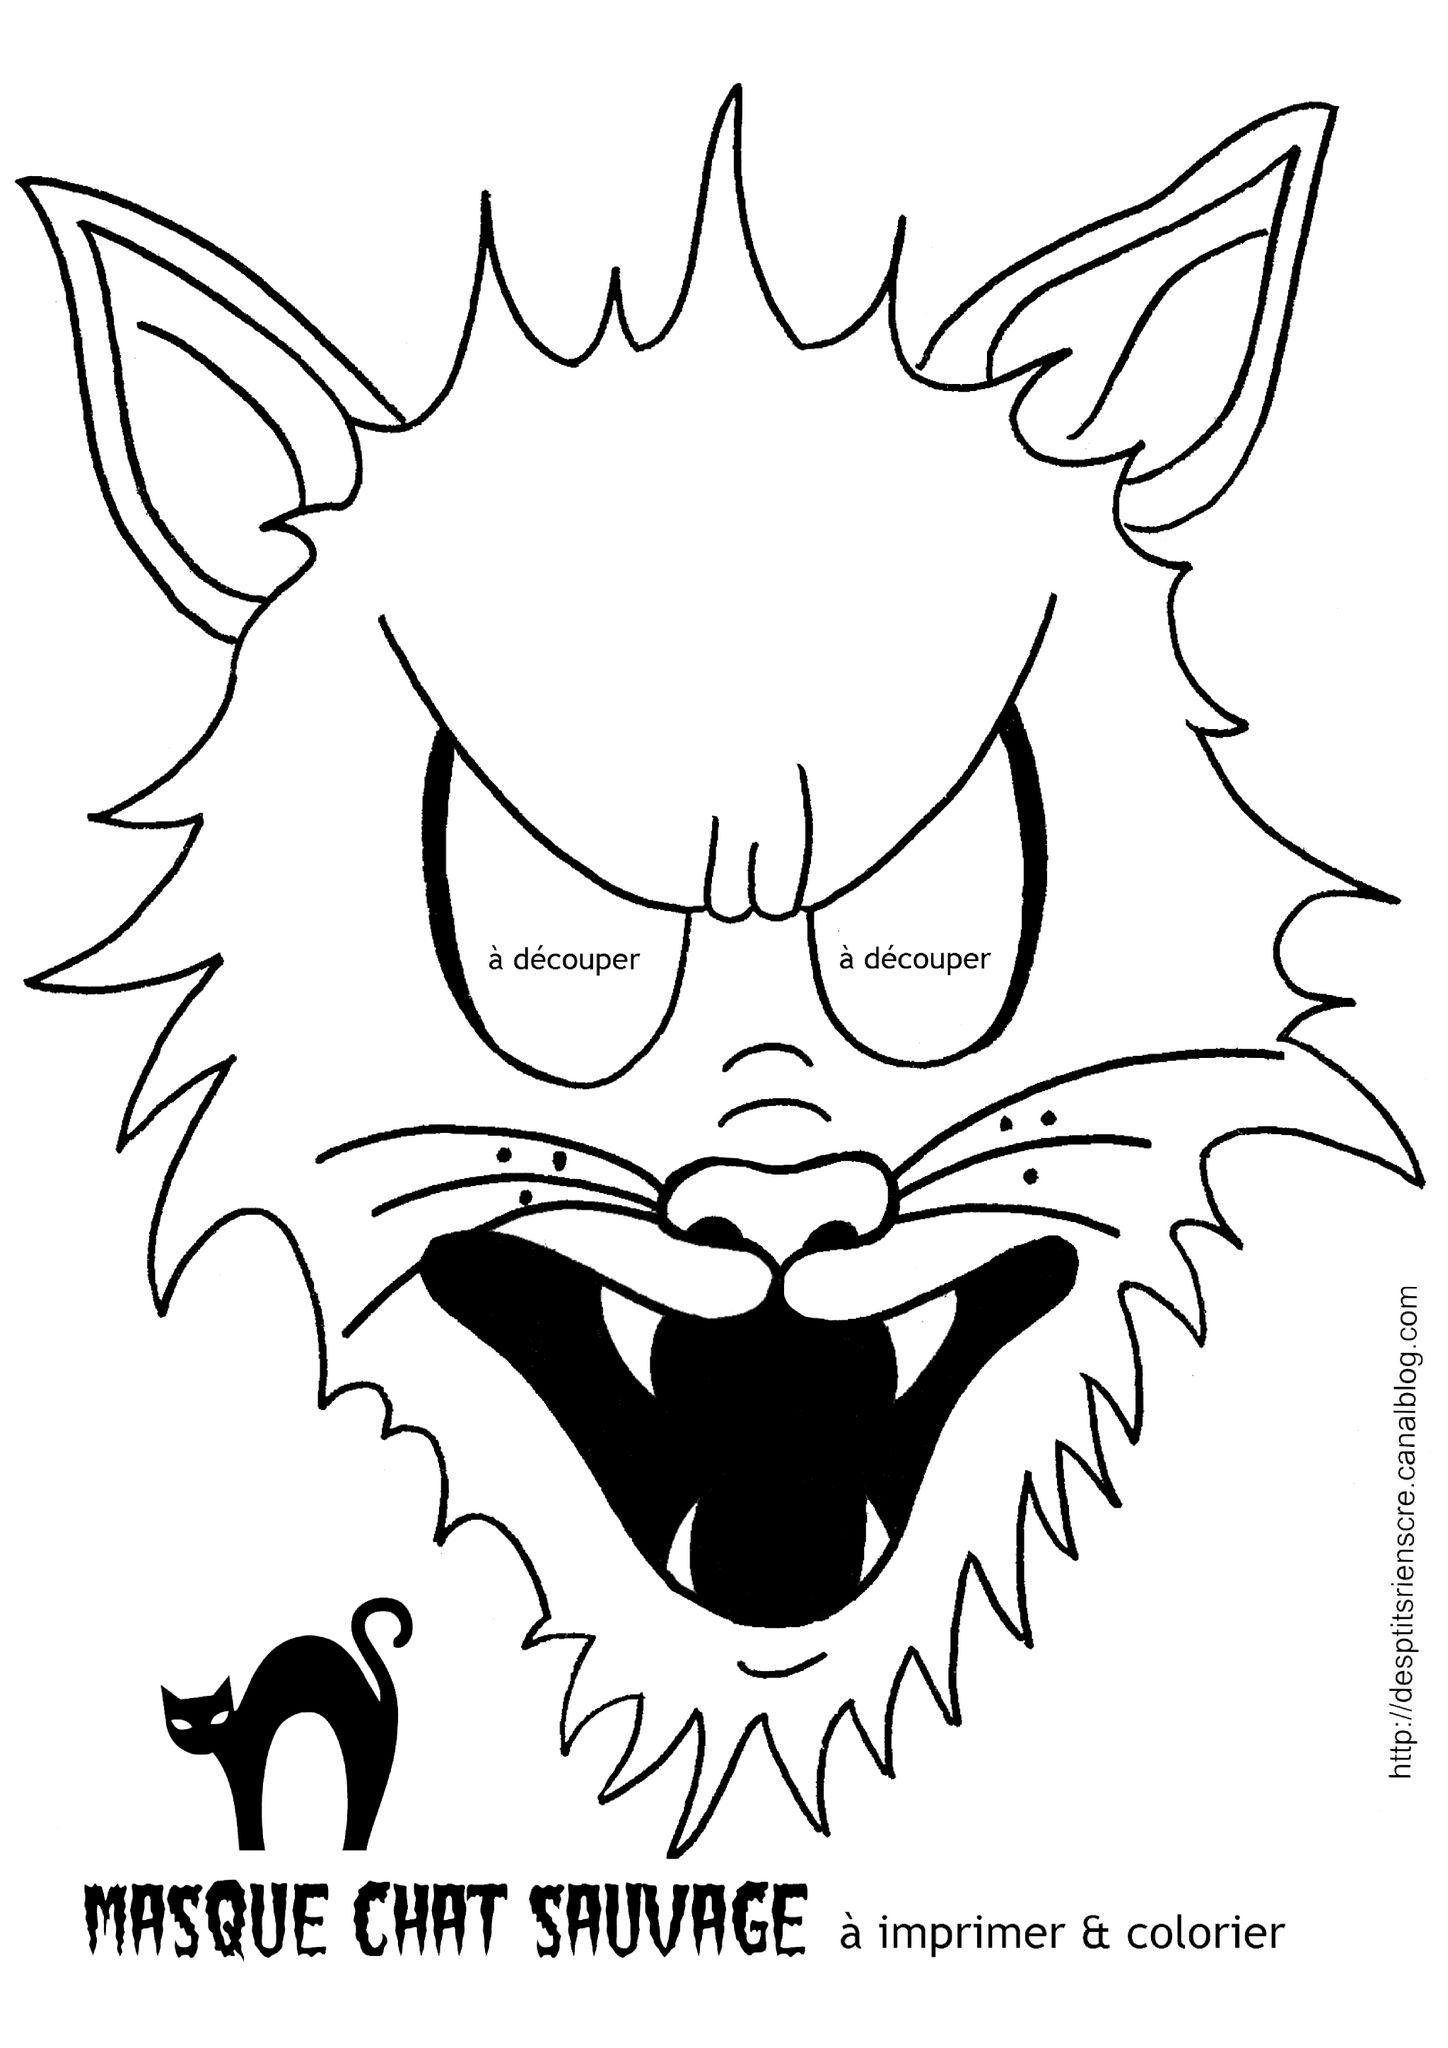 Le Masque Dhalloween Imprimer Diy Le Blog De La Foir. Masque encequiconcerne Squelette A Imprimer